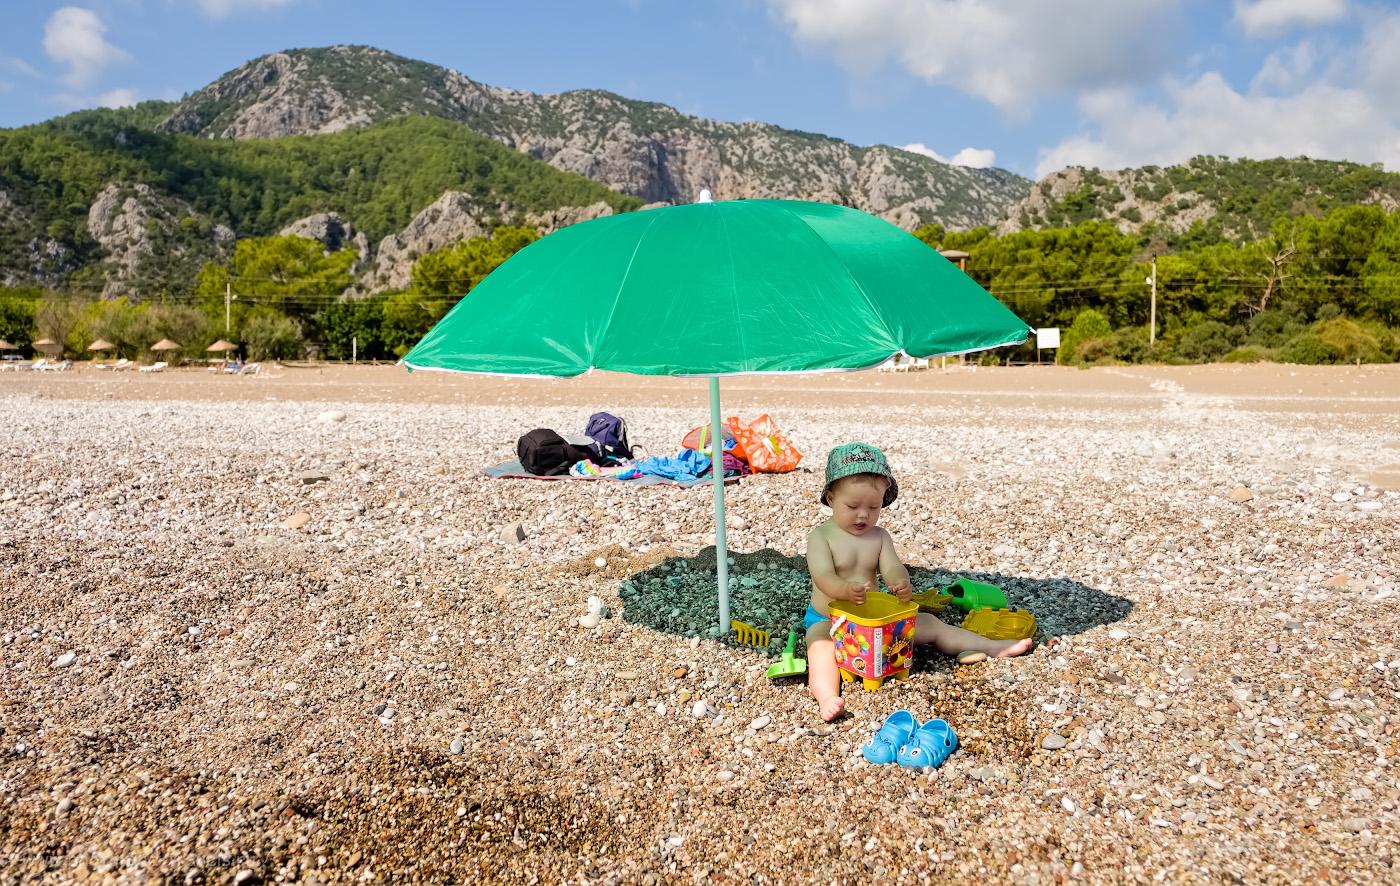 Фотография 33. Резиновые тапочки помогут малышу ходить по камням и гальке. Советы отдыхающим с детьми, что взять с собой на море. 1/2900, 2.8, 200, +0.33, 18.